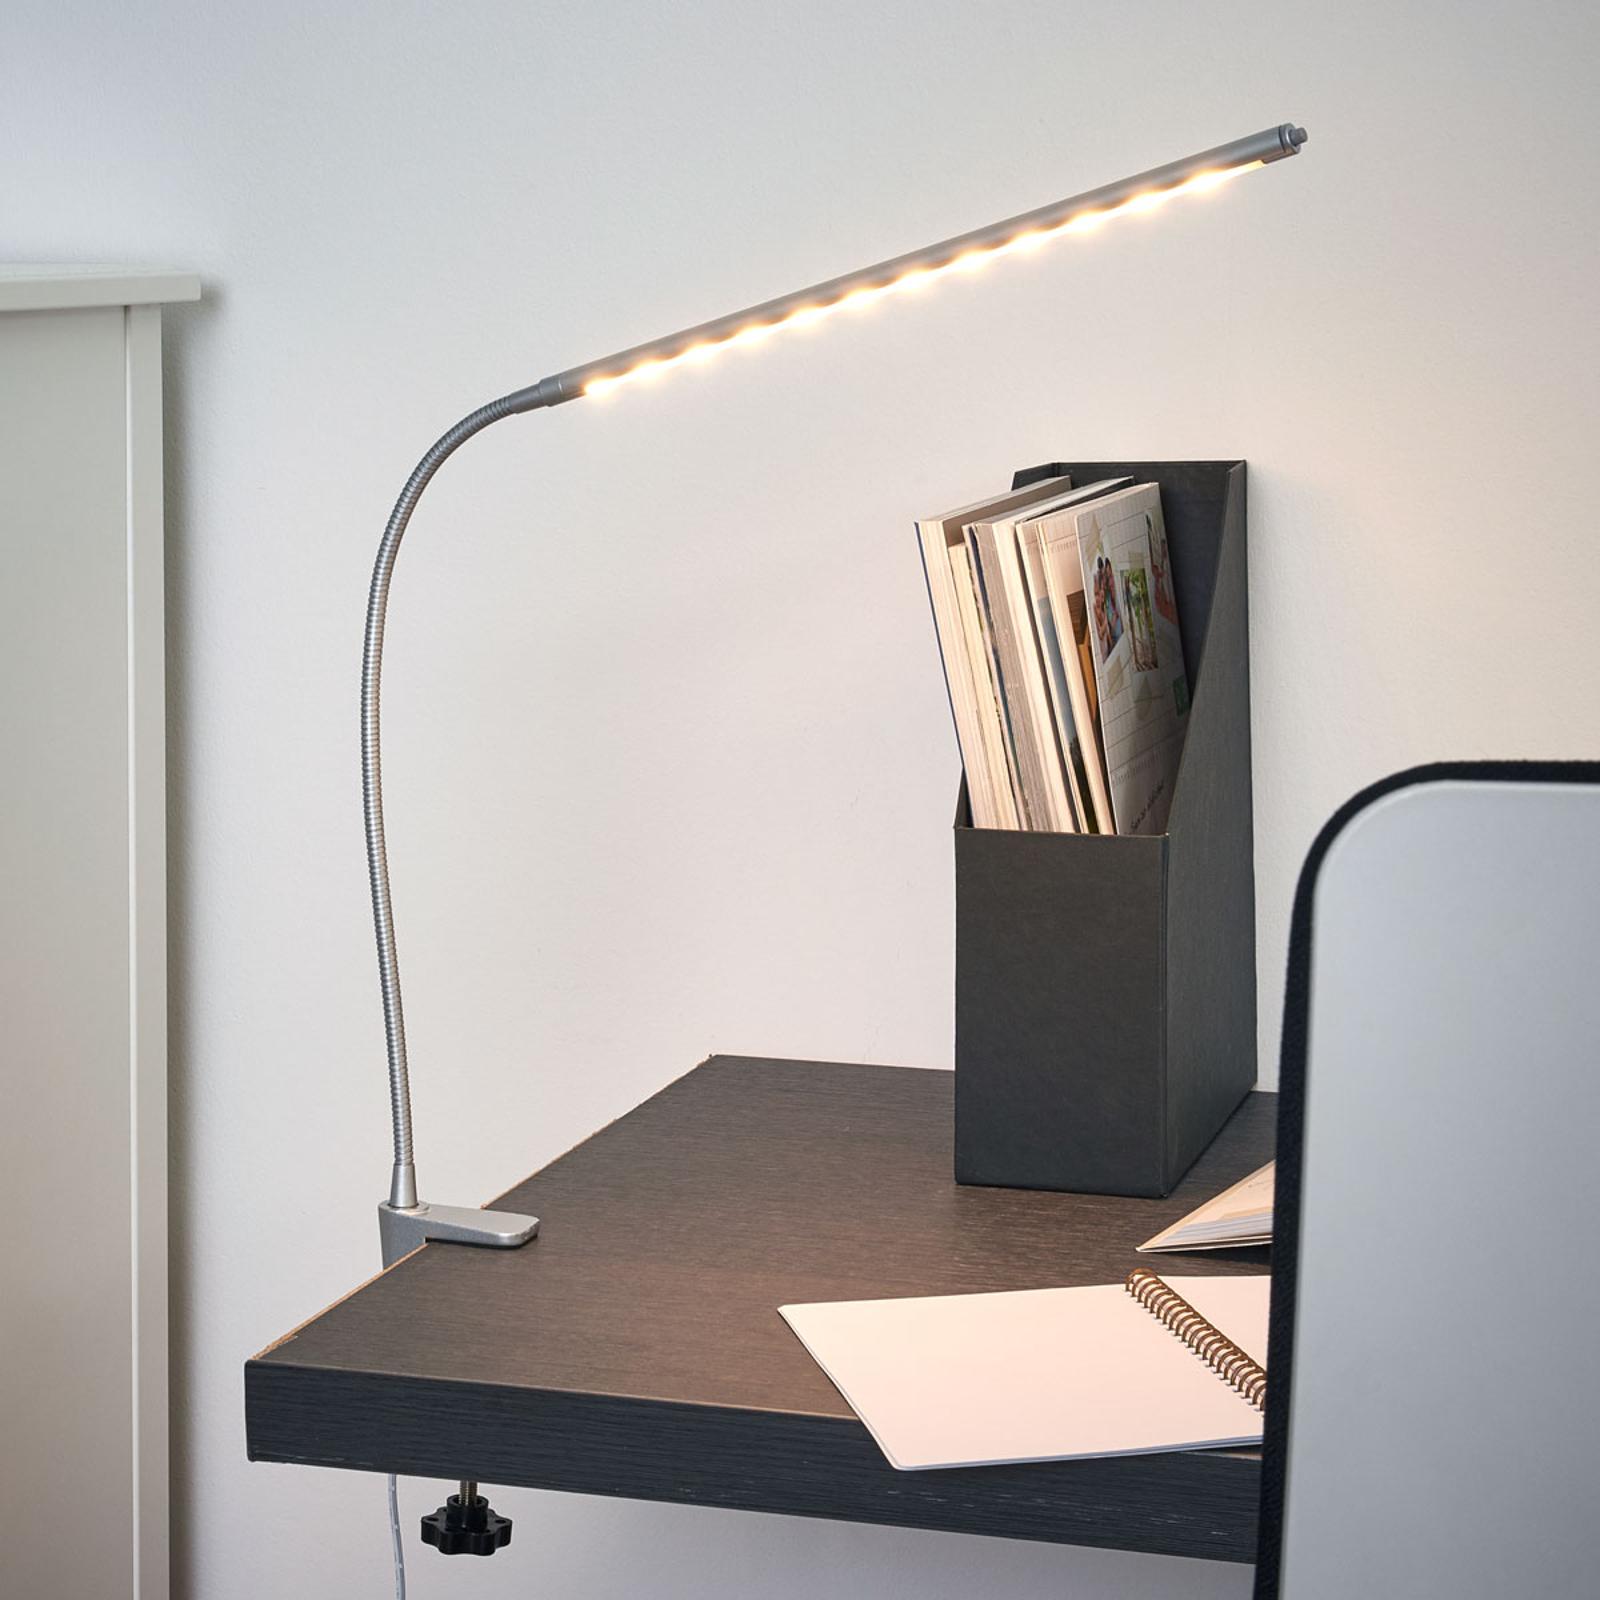 LED-klämlampa Anka med flexarm och klart ljus